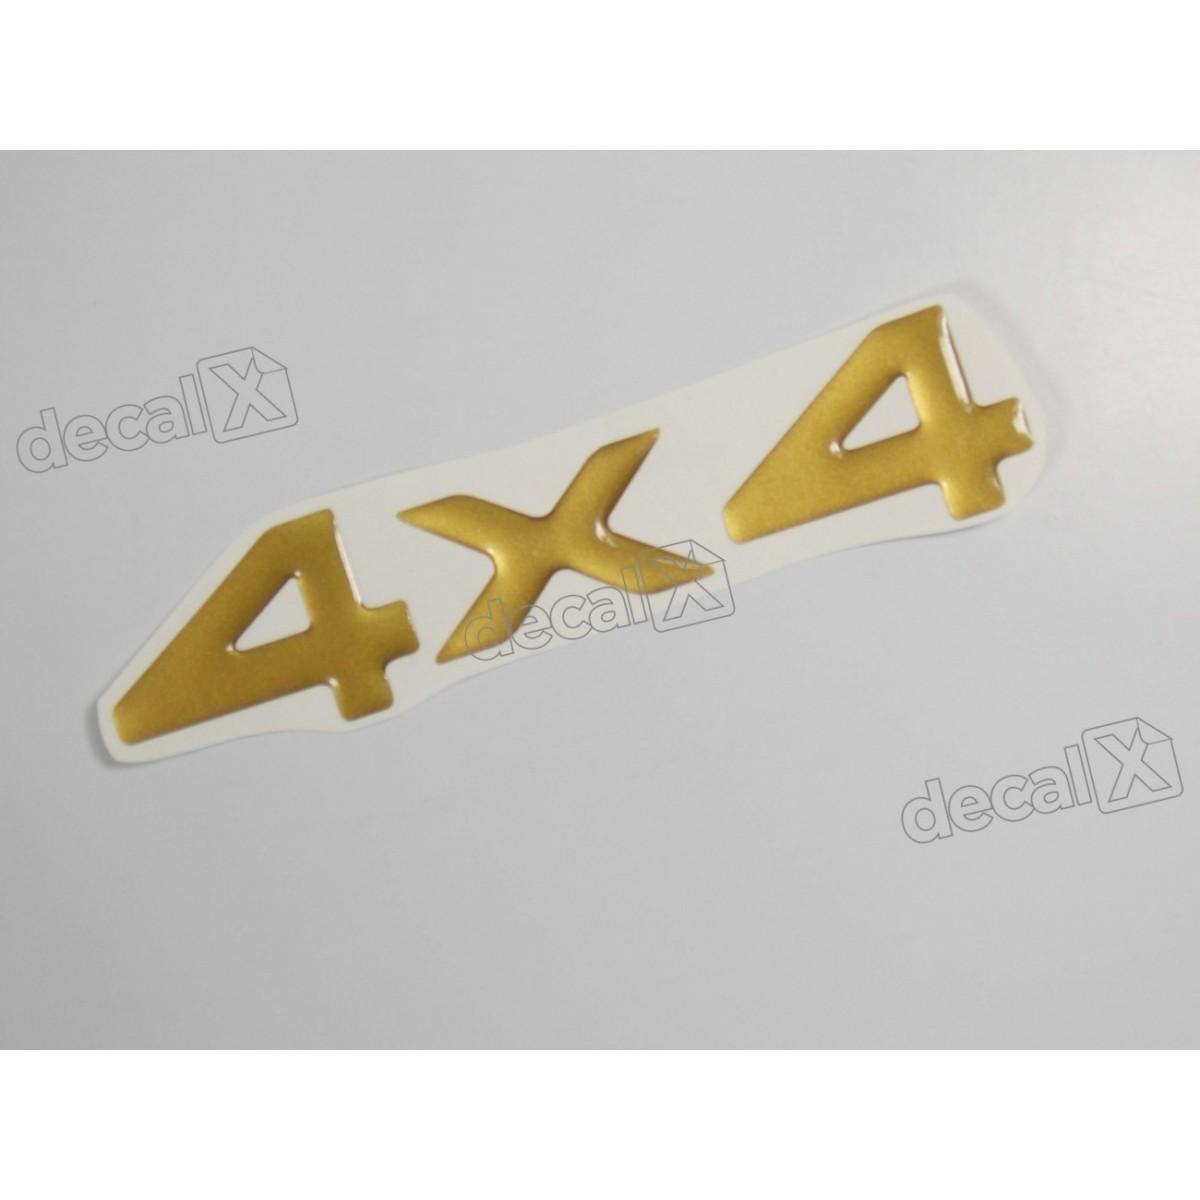 Emblema Adesivo Resinado 4x4 Cherokee Dourado - Decalx